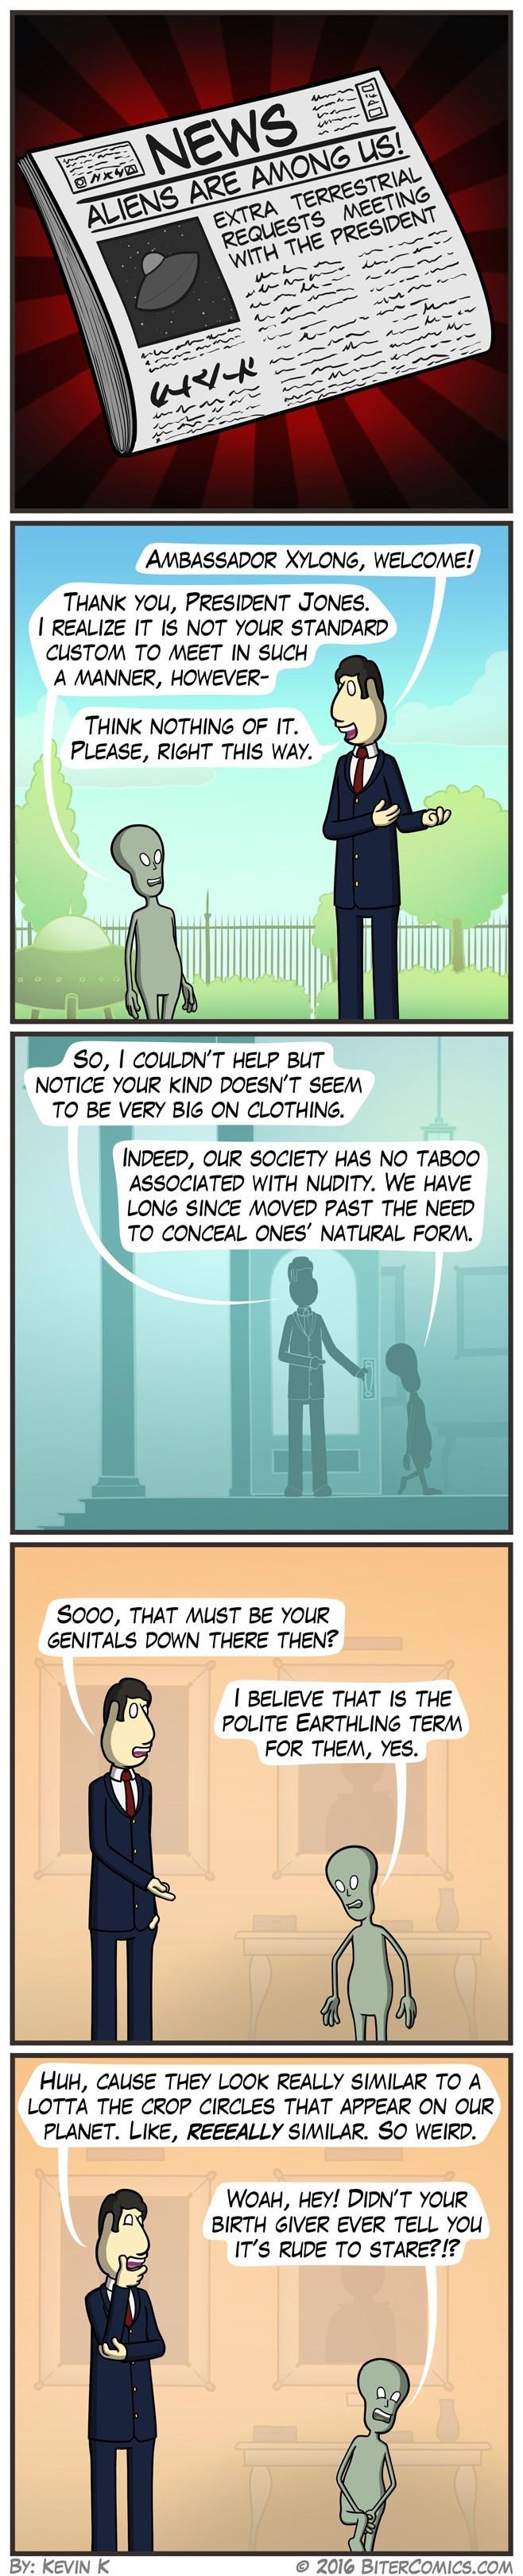 web comics aliens crop circles